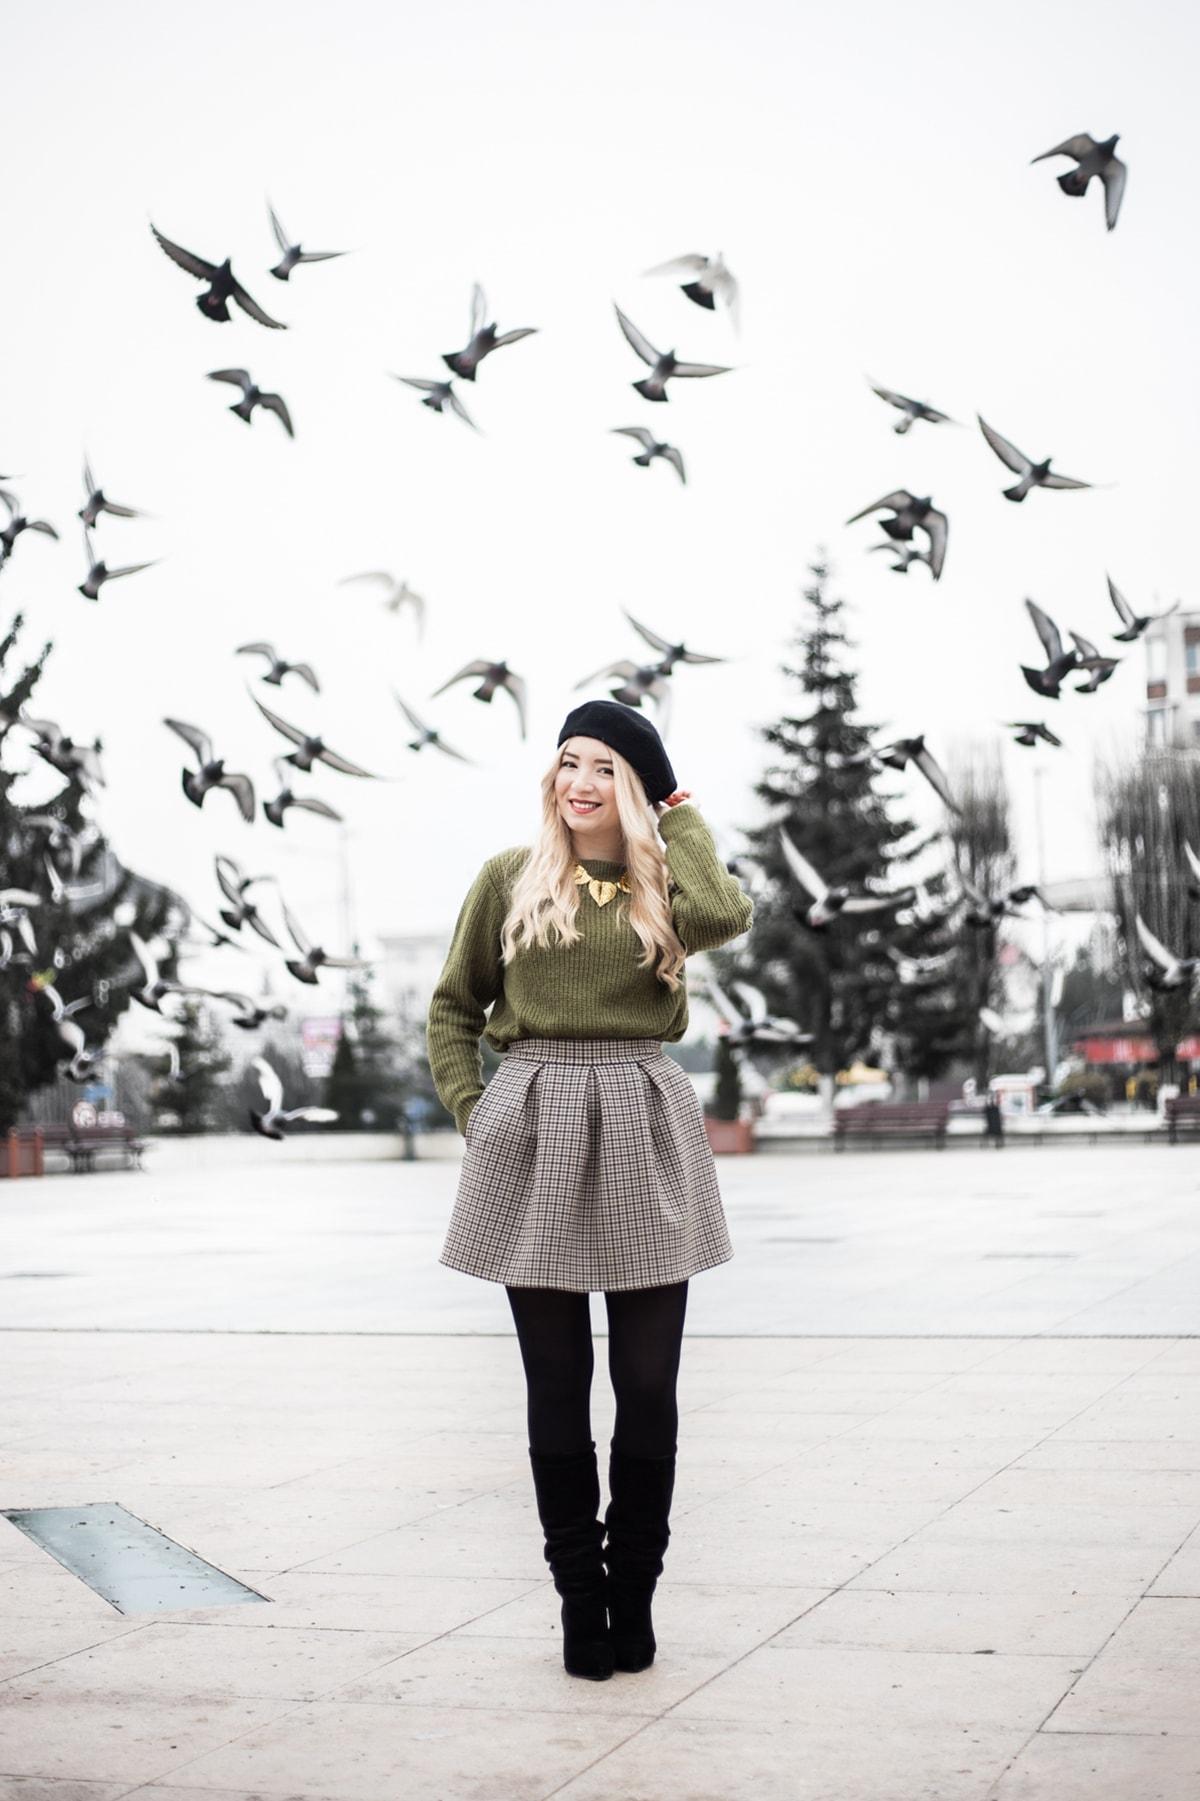 Andreea Ristea, poze porumbei, platou Casa de Cultura Mioveni, fotografie, Canon 6D